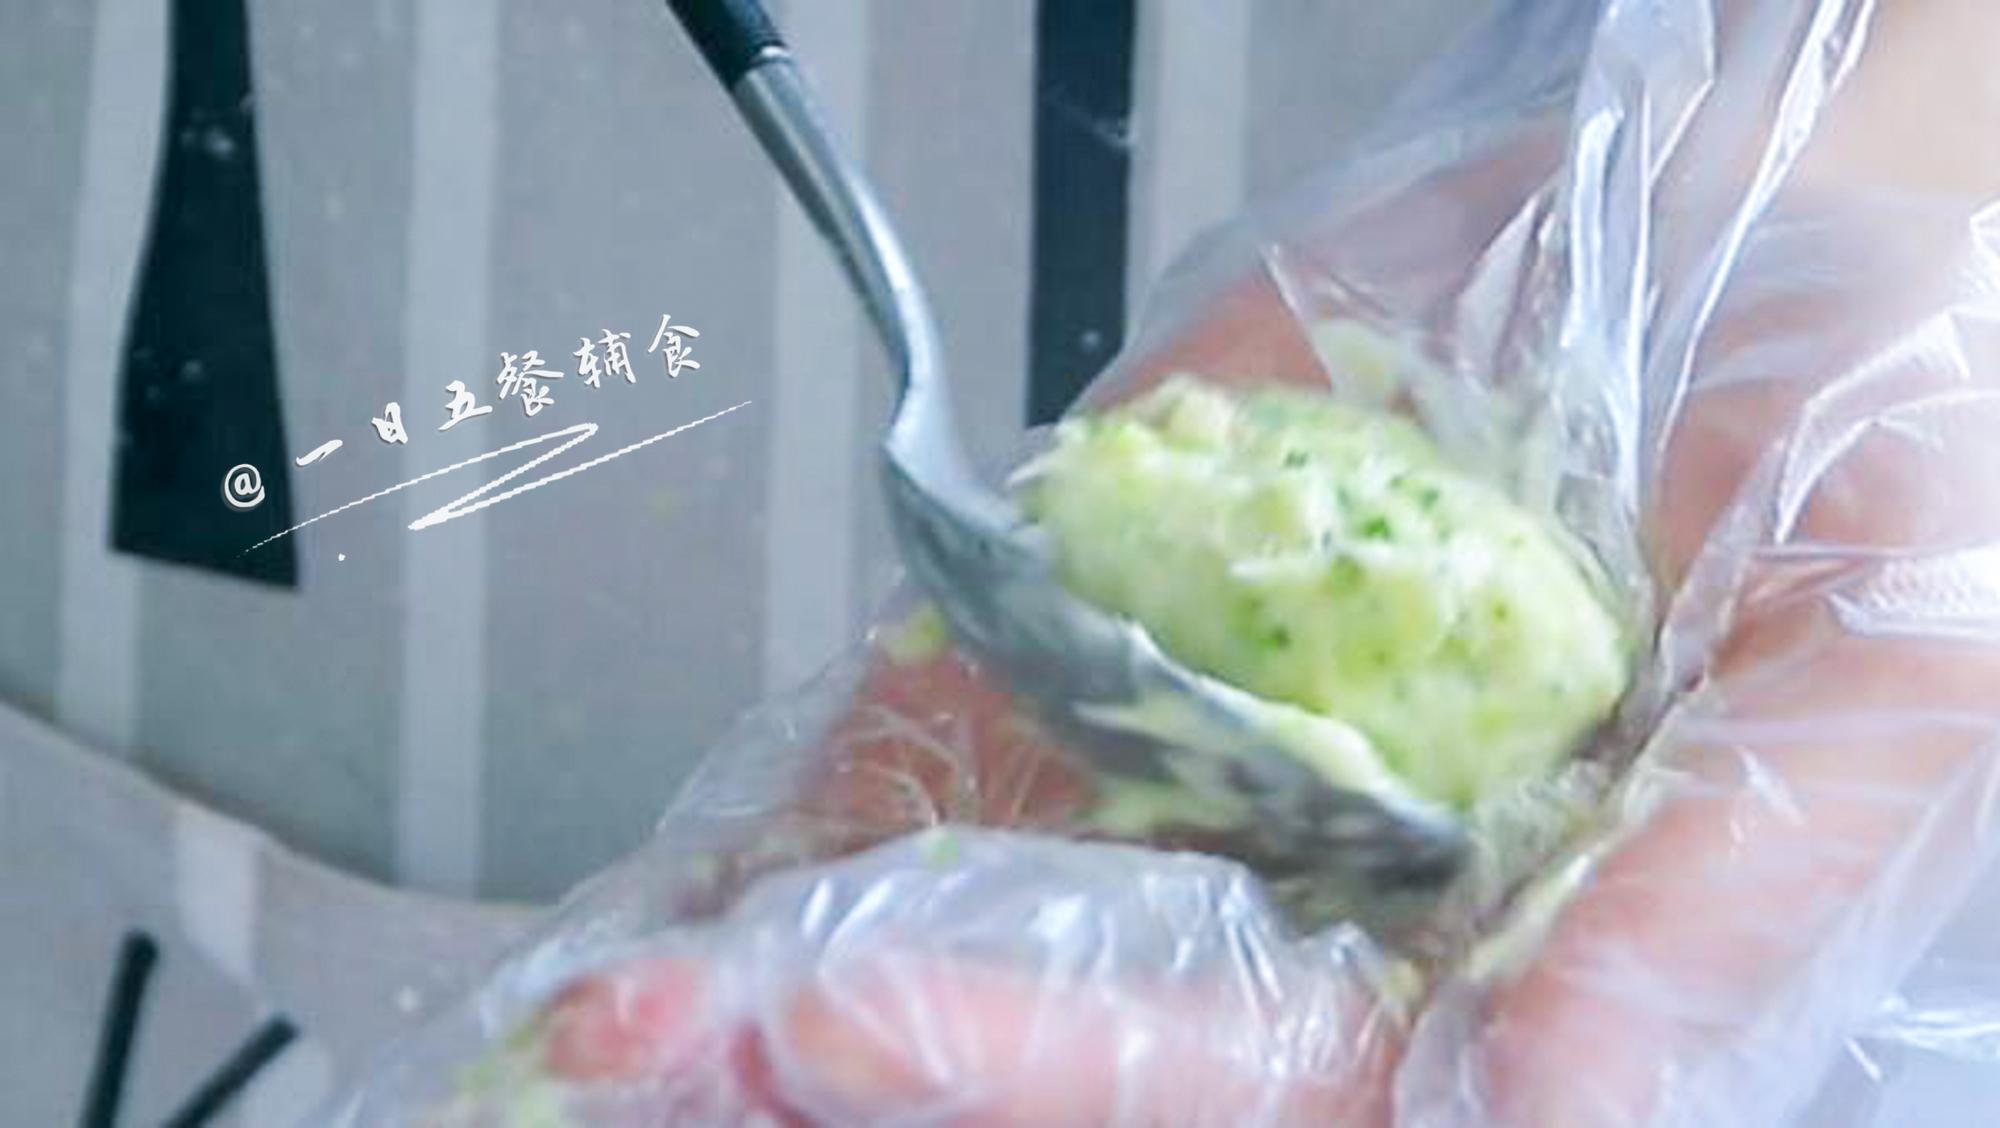 西兰花鱼丸,将一个个丸子,放入微沸的开水锅里。</p> <p>